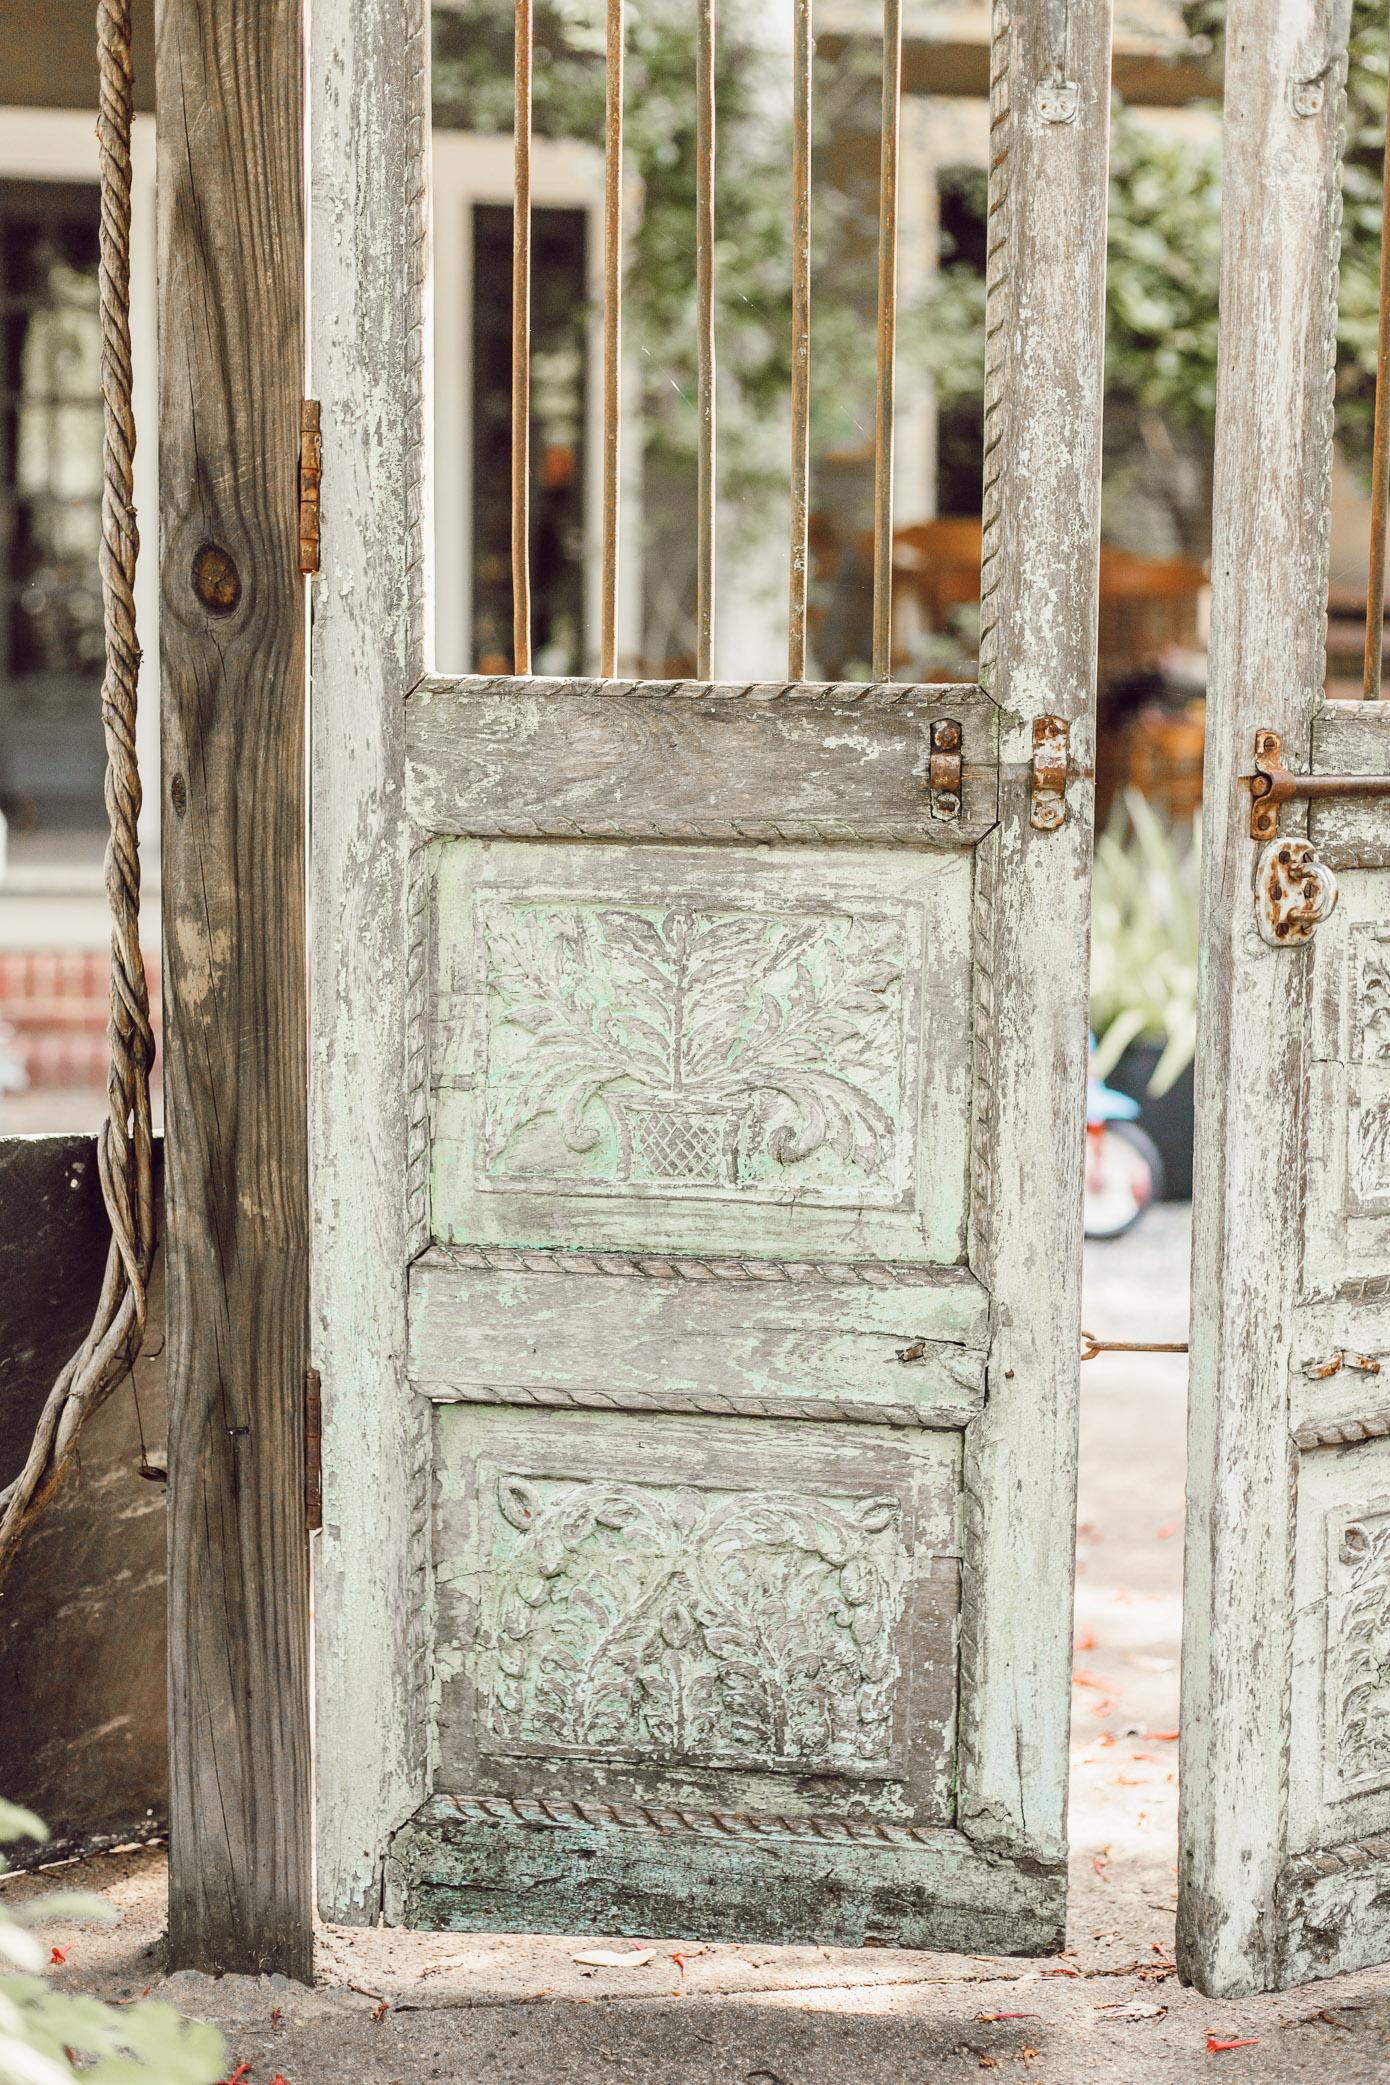 Charming English Garden Gate | Garden Decor | Louella Reese Life & Style Blog